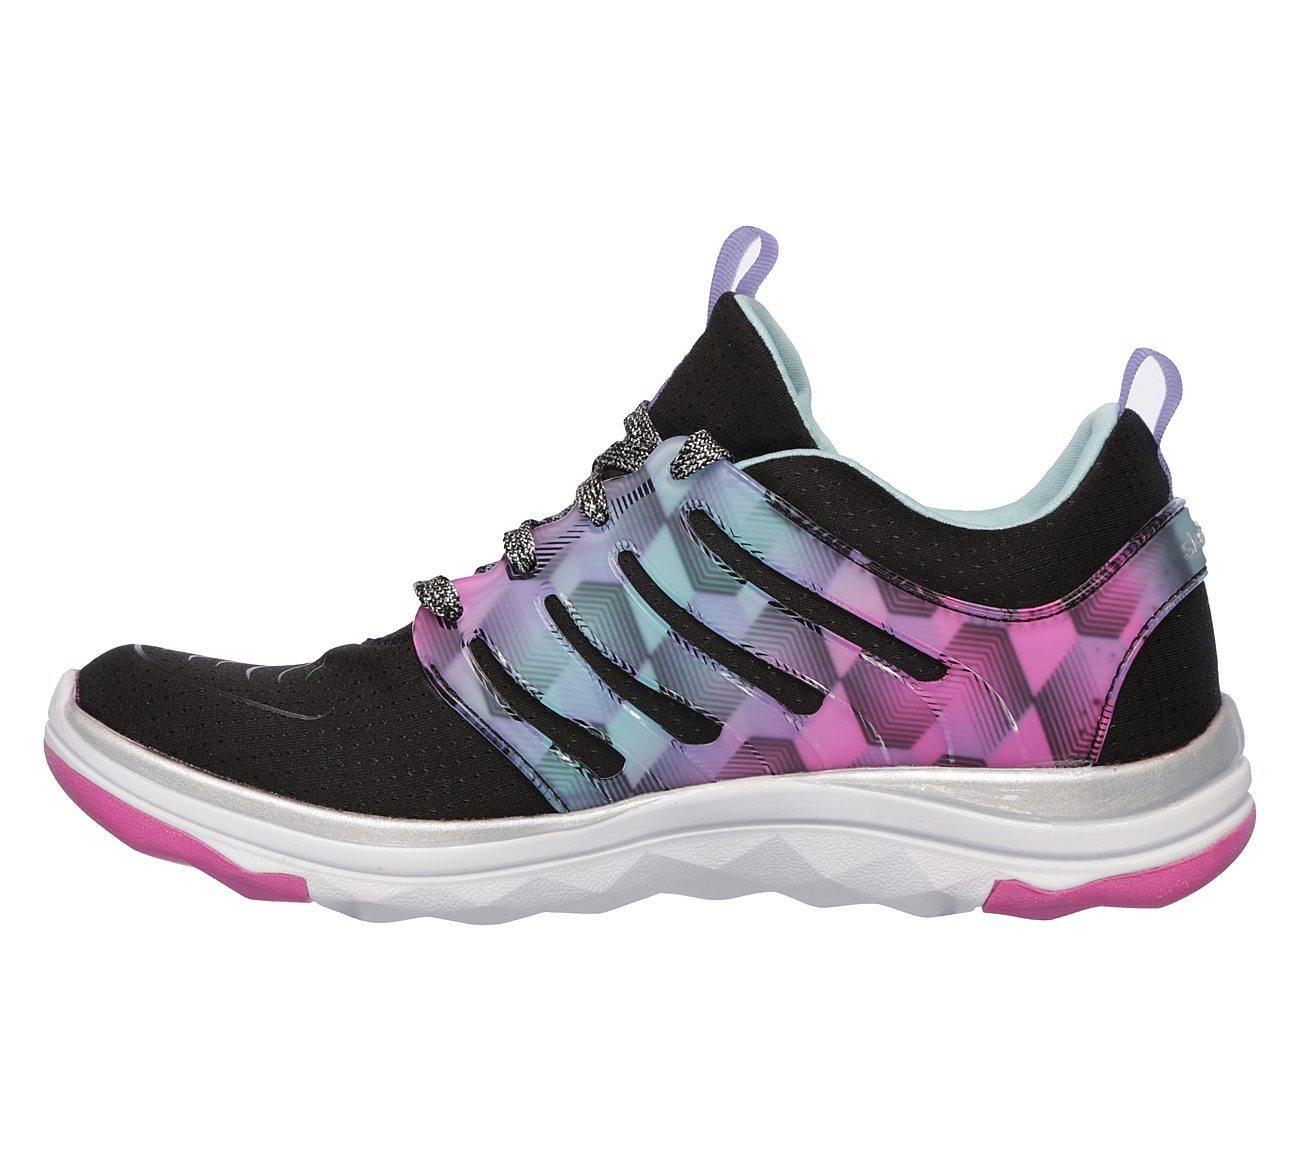 Buy SKECHERS Diamond Runner Sport Shoes